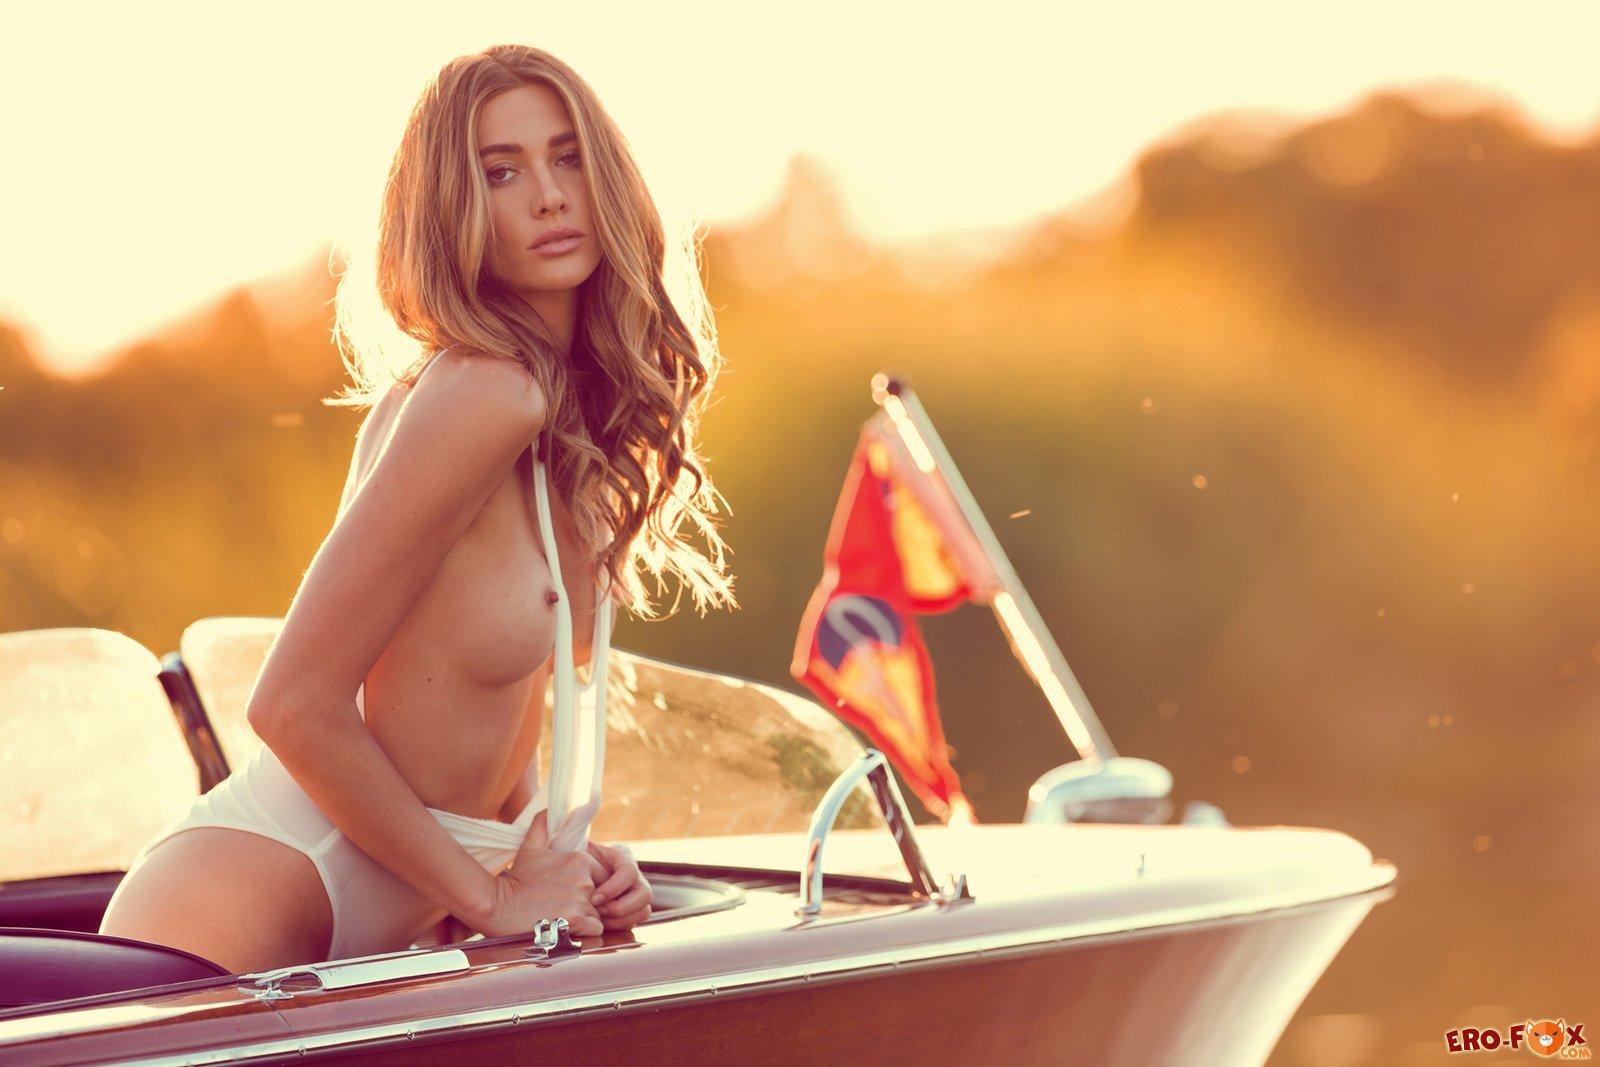 Девушка обнажила свою красивую упругую грудь - фото эротика.